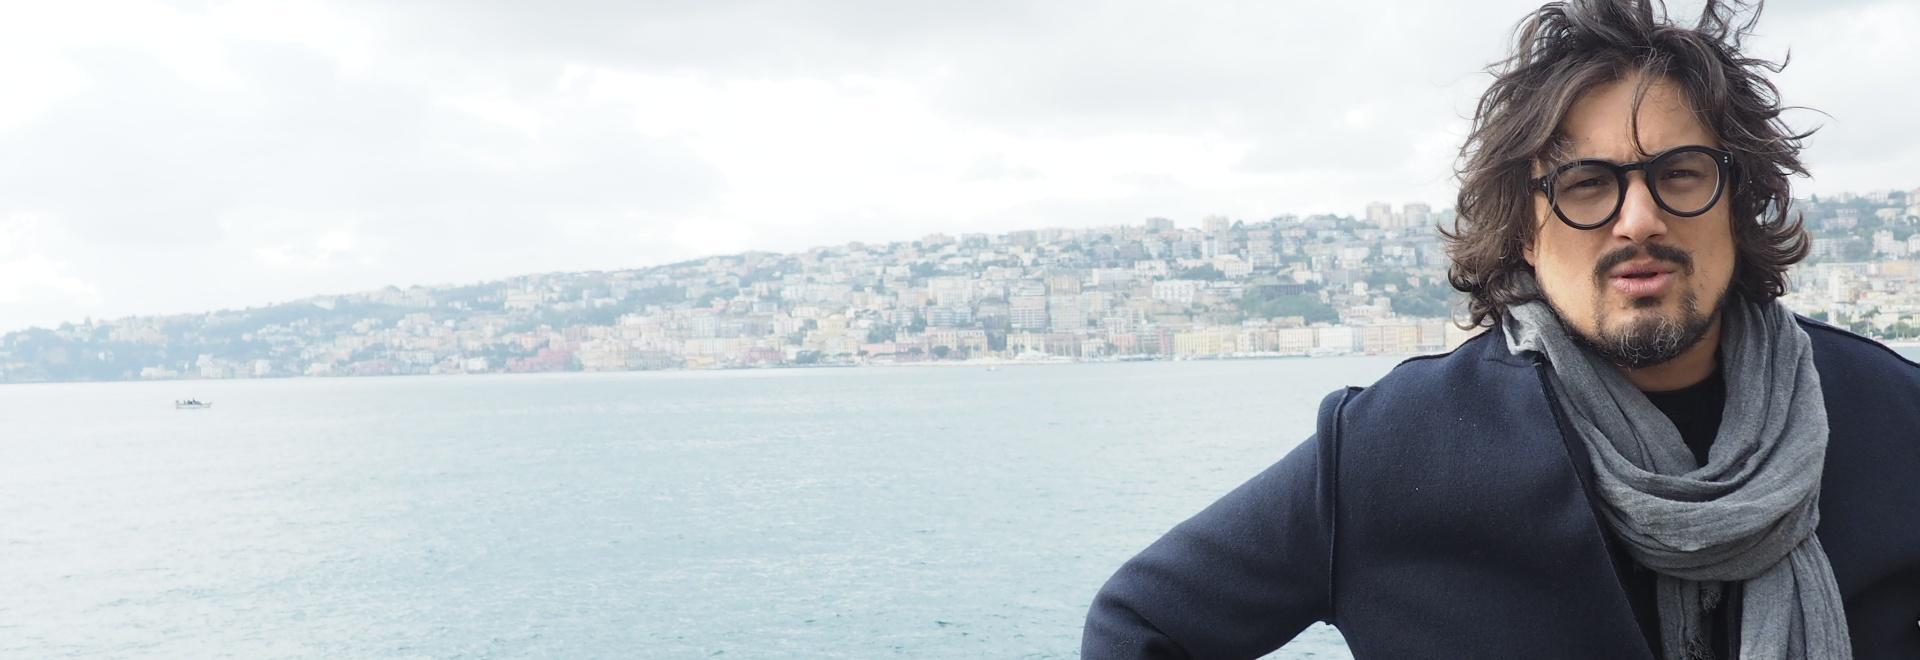 Argentario: una finestra sul mare